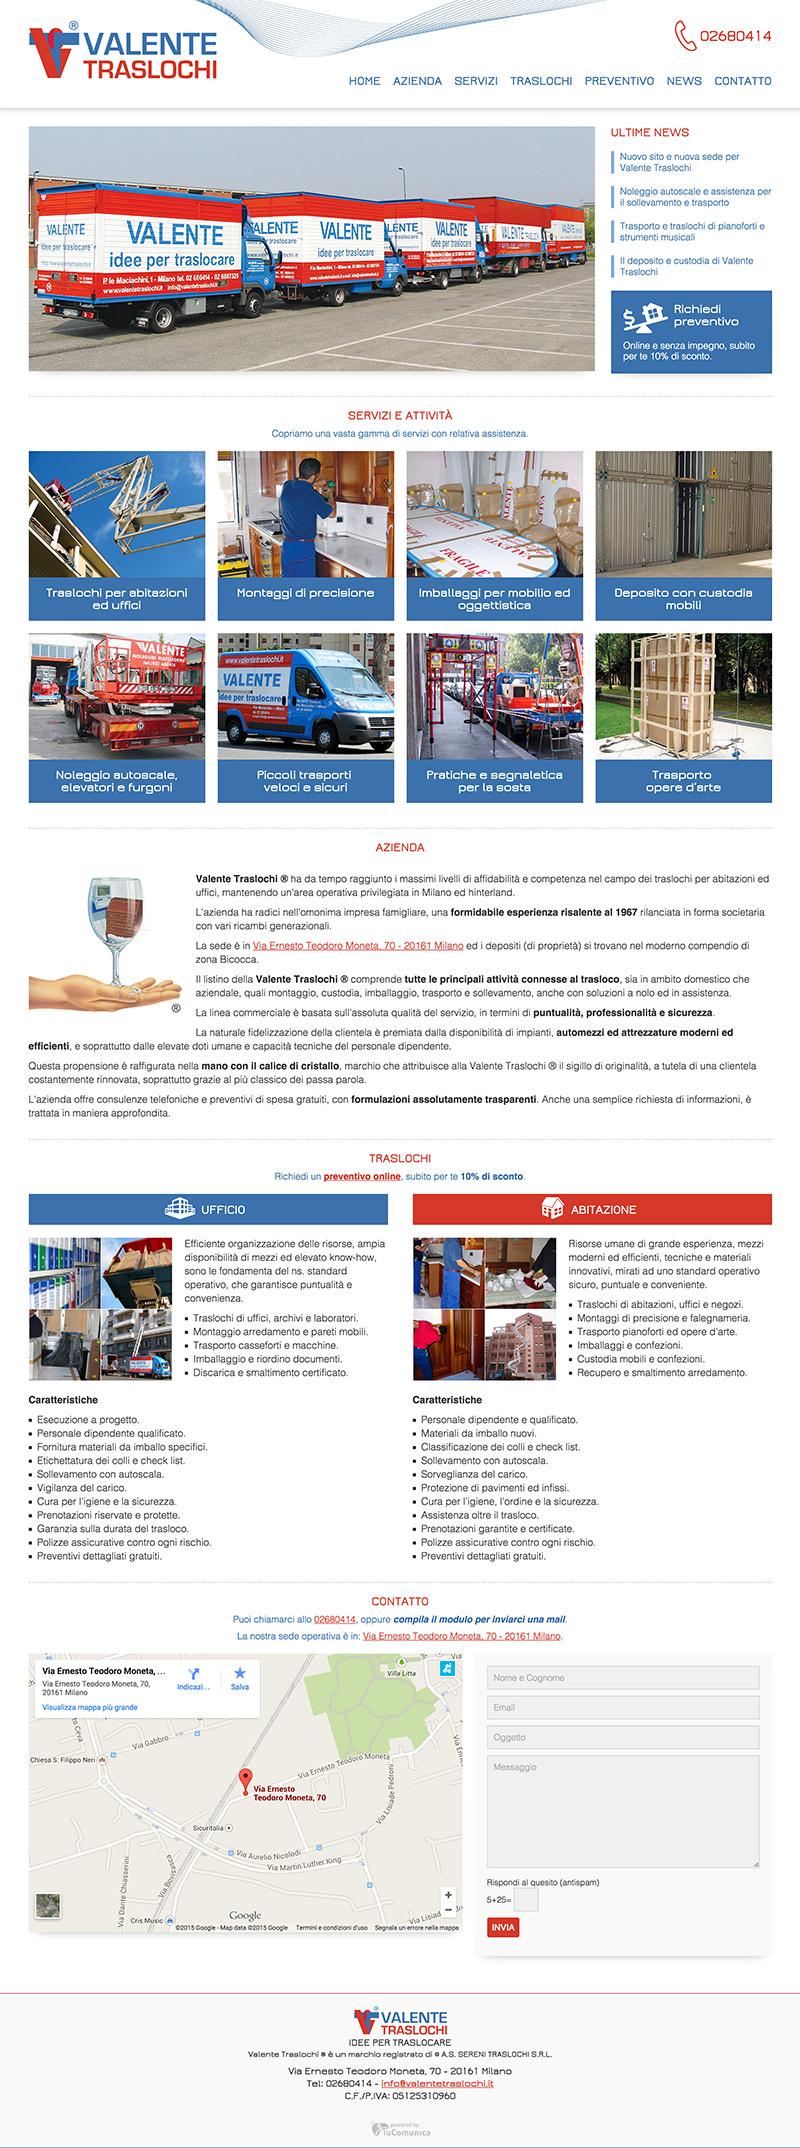 vt-societa-di-trasloco-sviluppo-sito-web-02